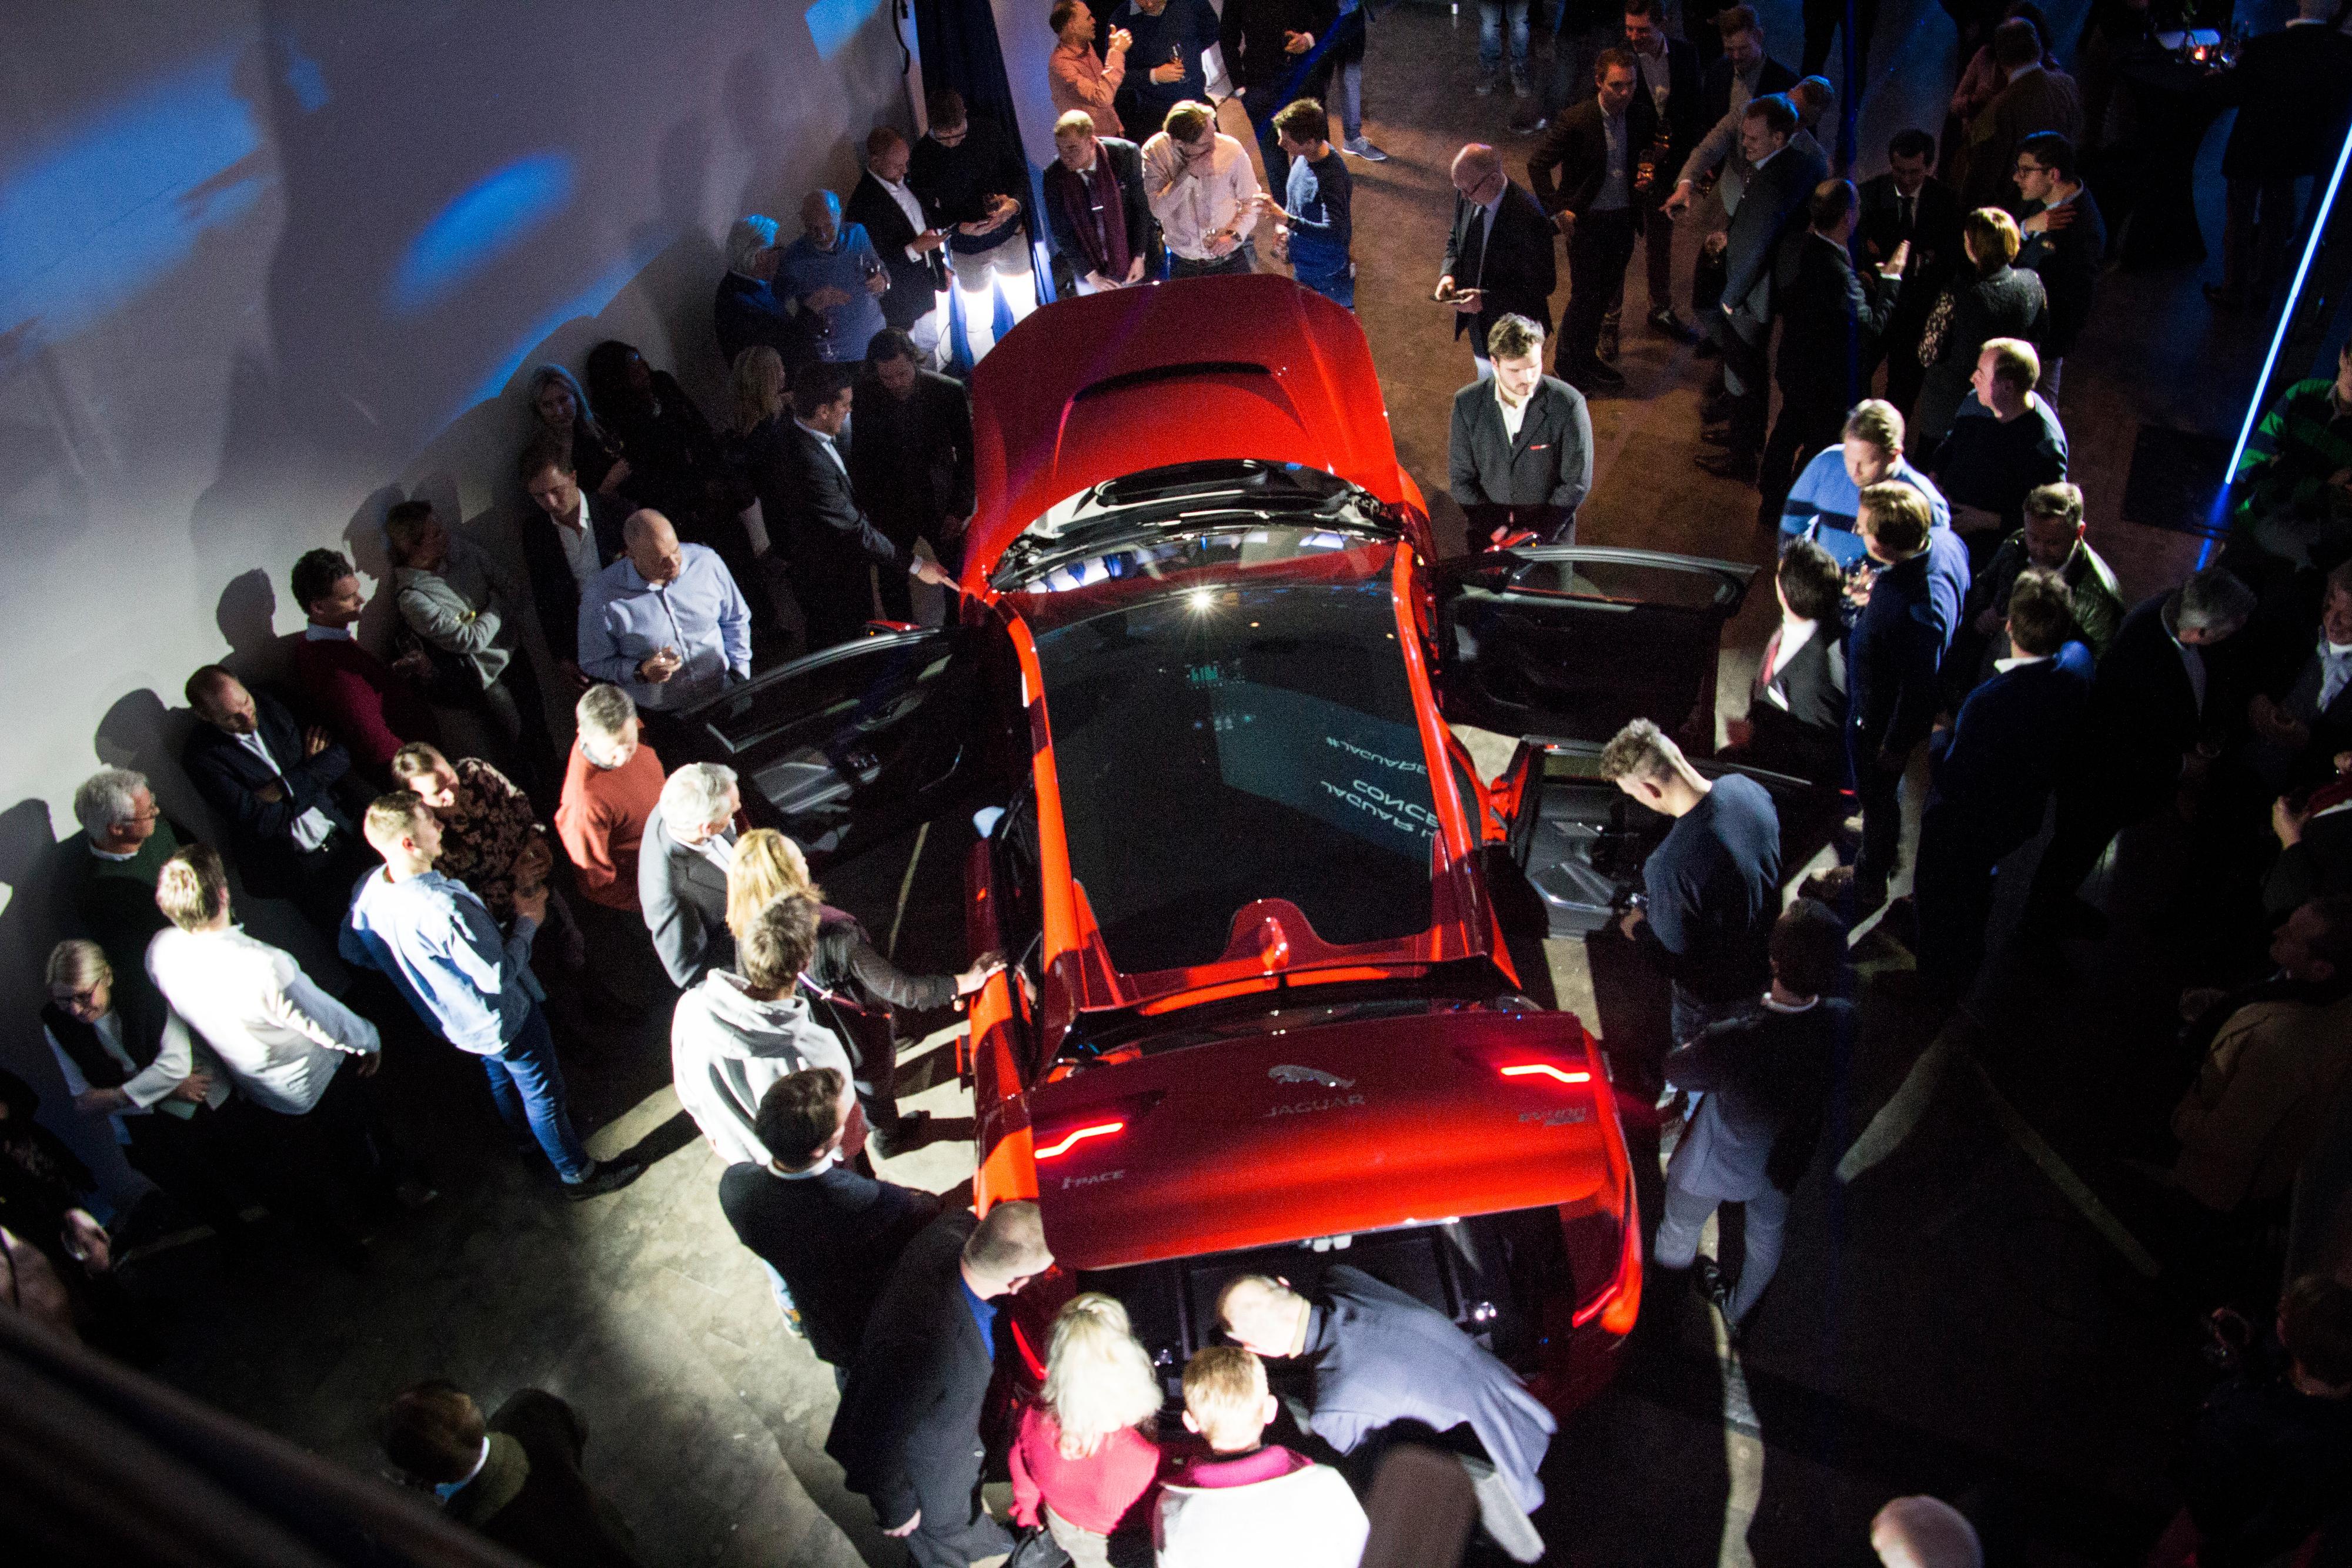 800 kunder og andre gjester var samlet til avduking av bilen i Oslo torsdag kveld.